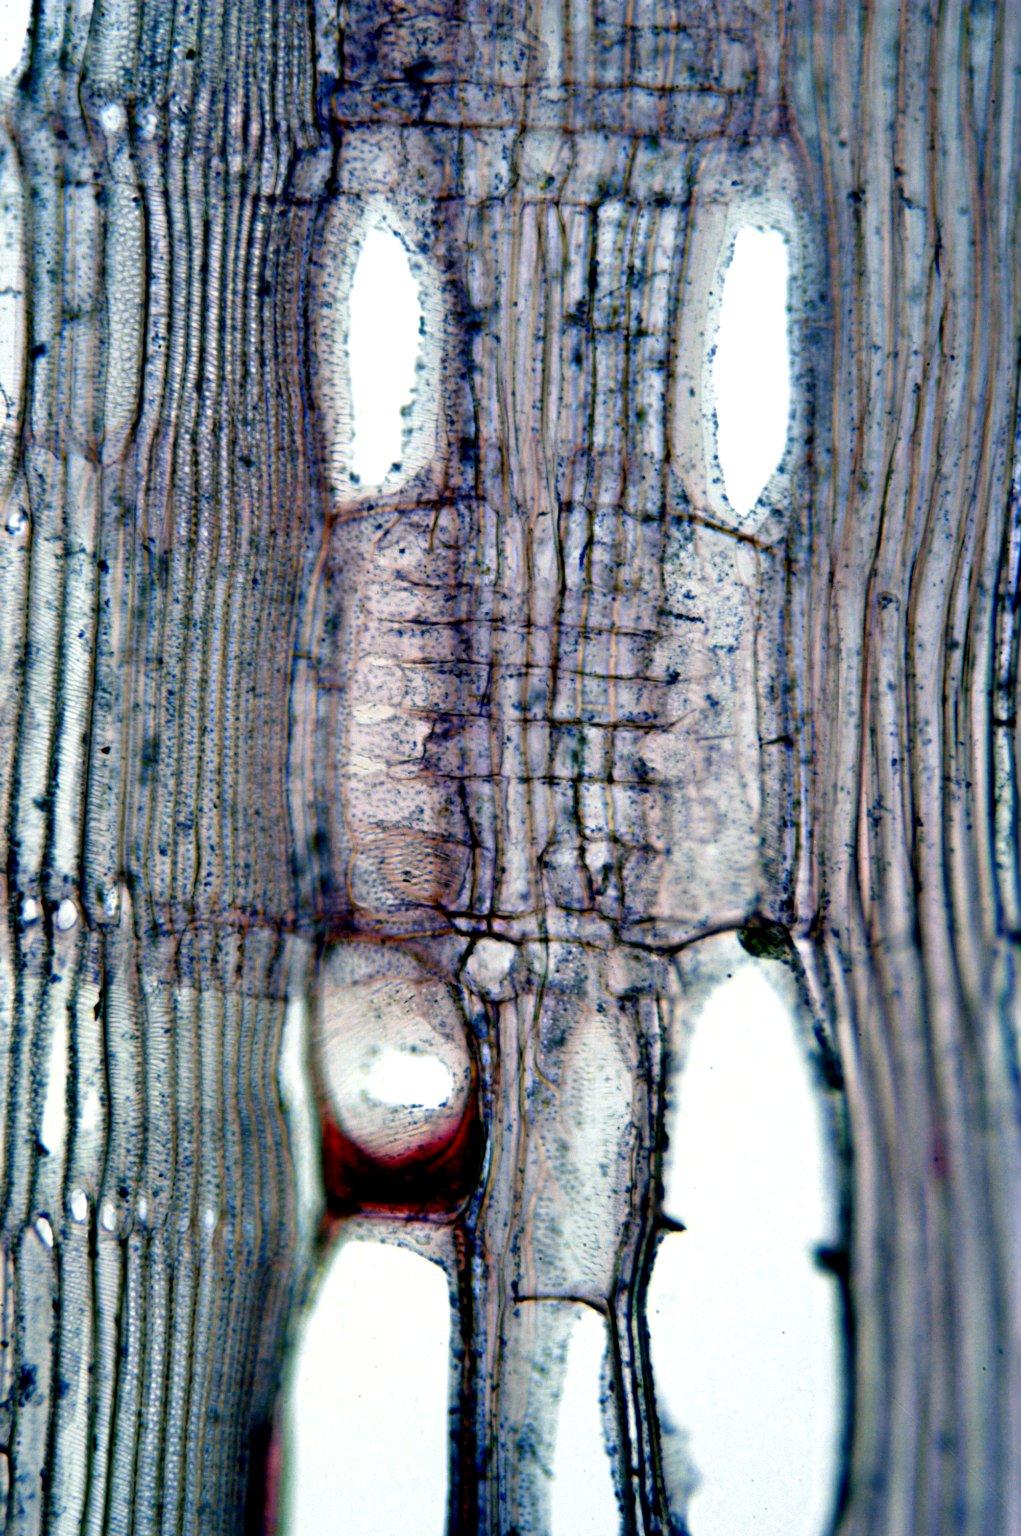 MALVACEAE MALVOIDEAE Hibiscus syriacus